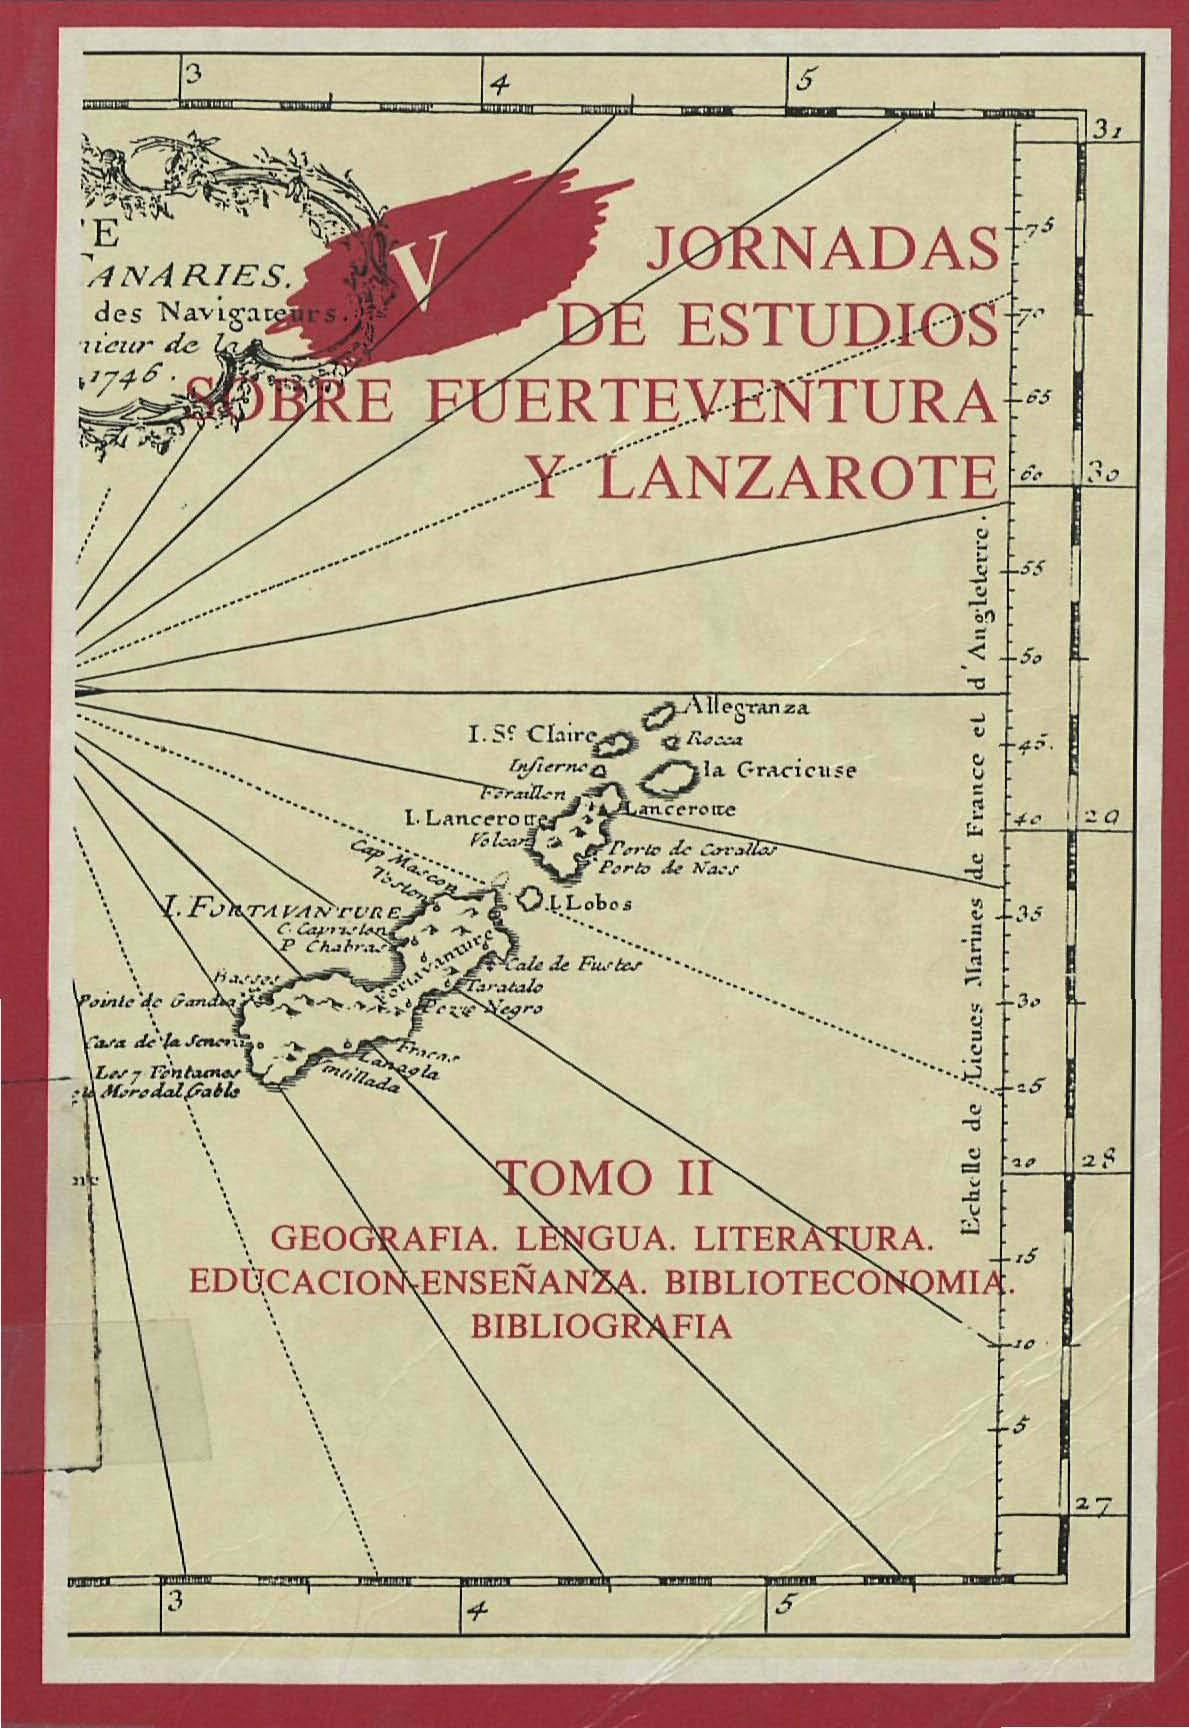 Población activa y desempleo en Lanzarote (1975-1990)